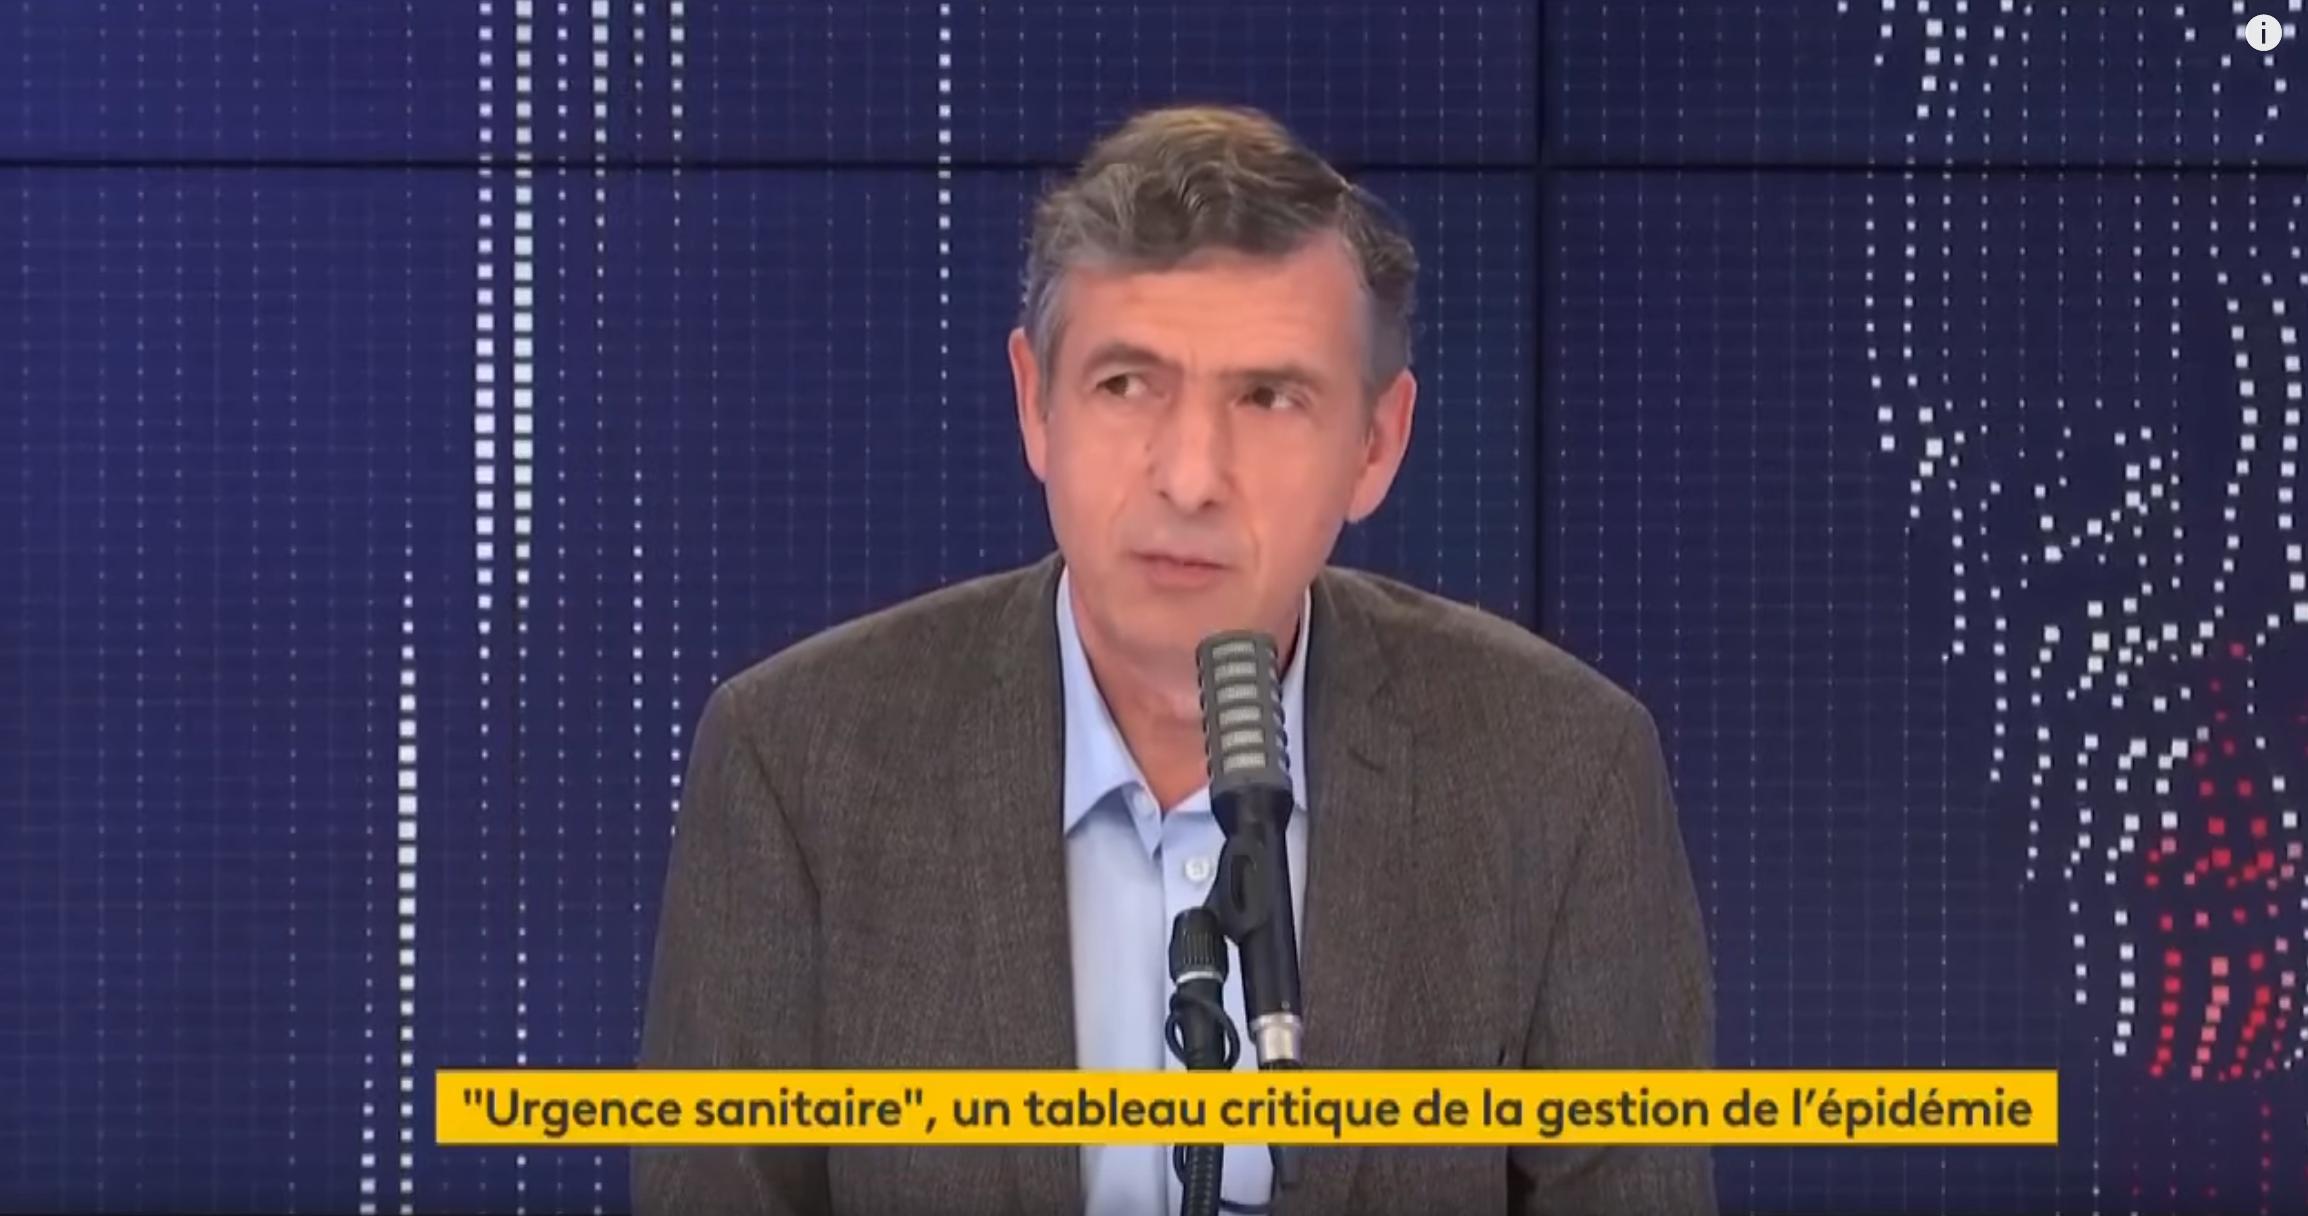 """L'attaque minable du Pr Éric Caumes contre le Pr Didier Raoult : """"Il dit beaucoup de baratin !"""" (VIDÉO)"""